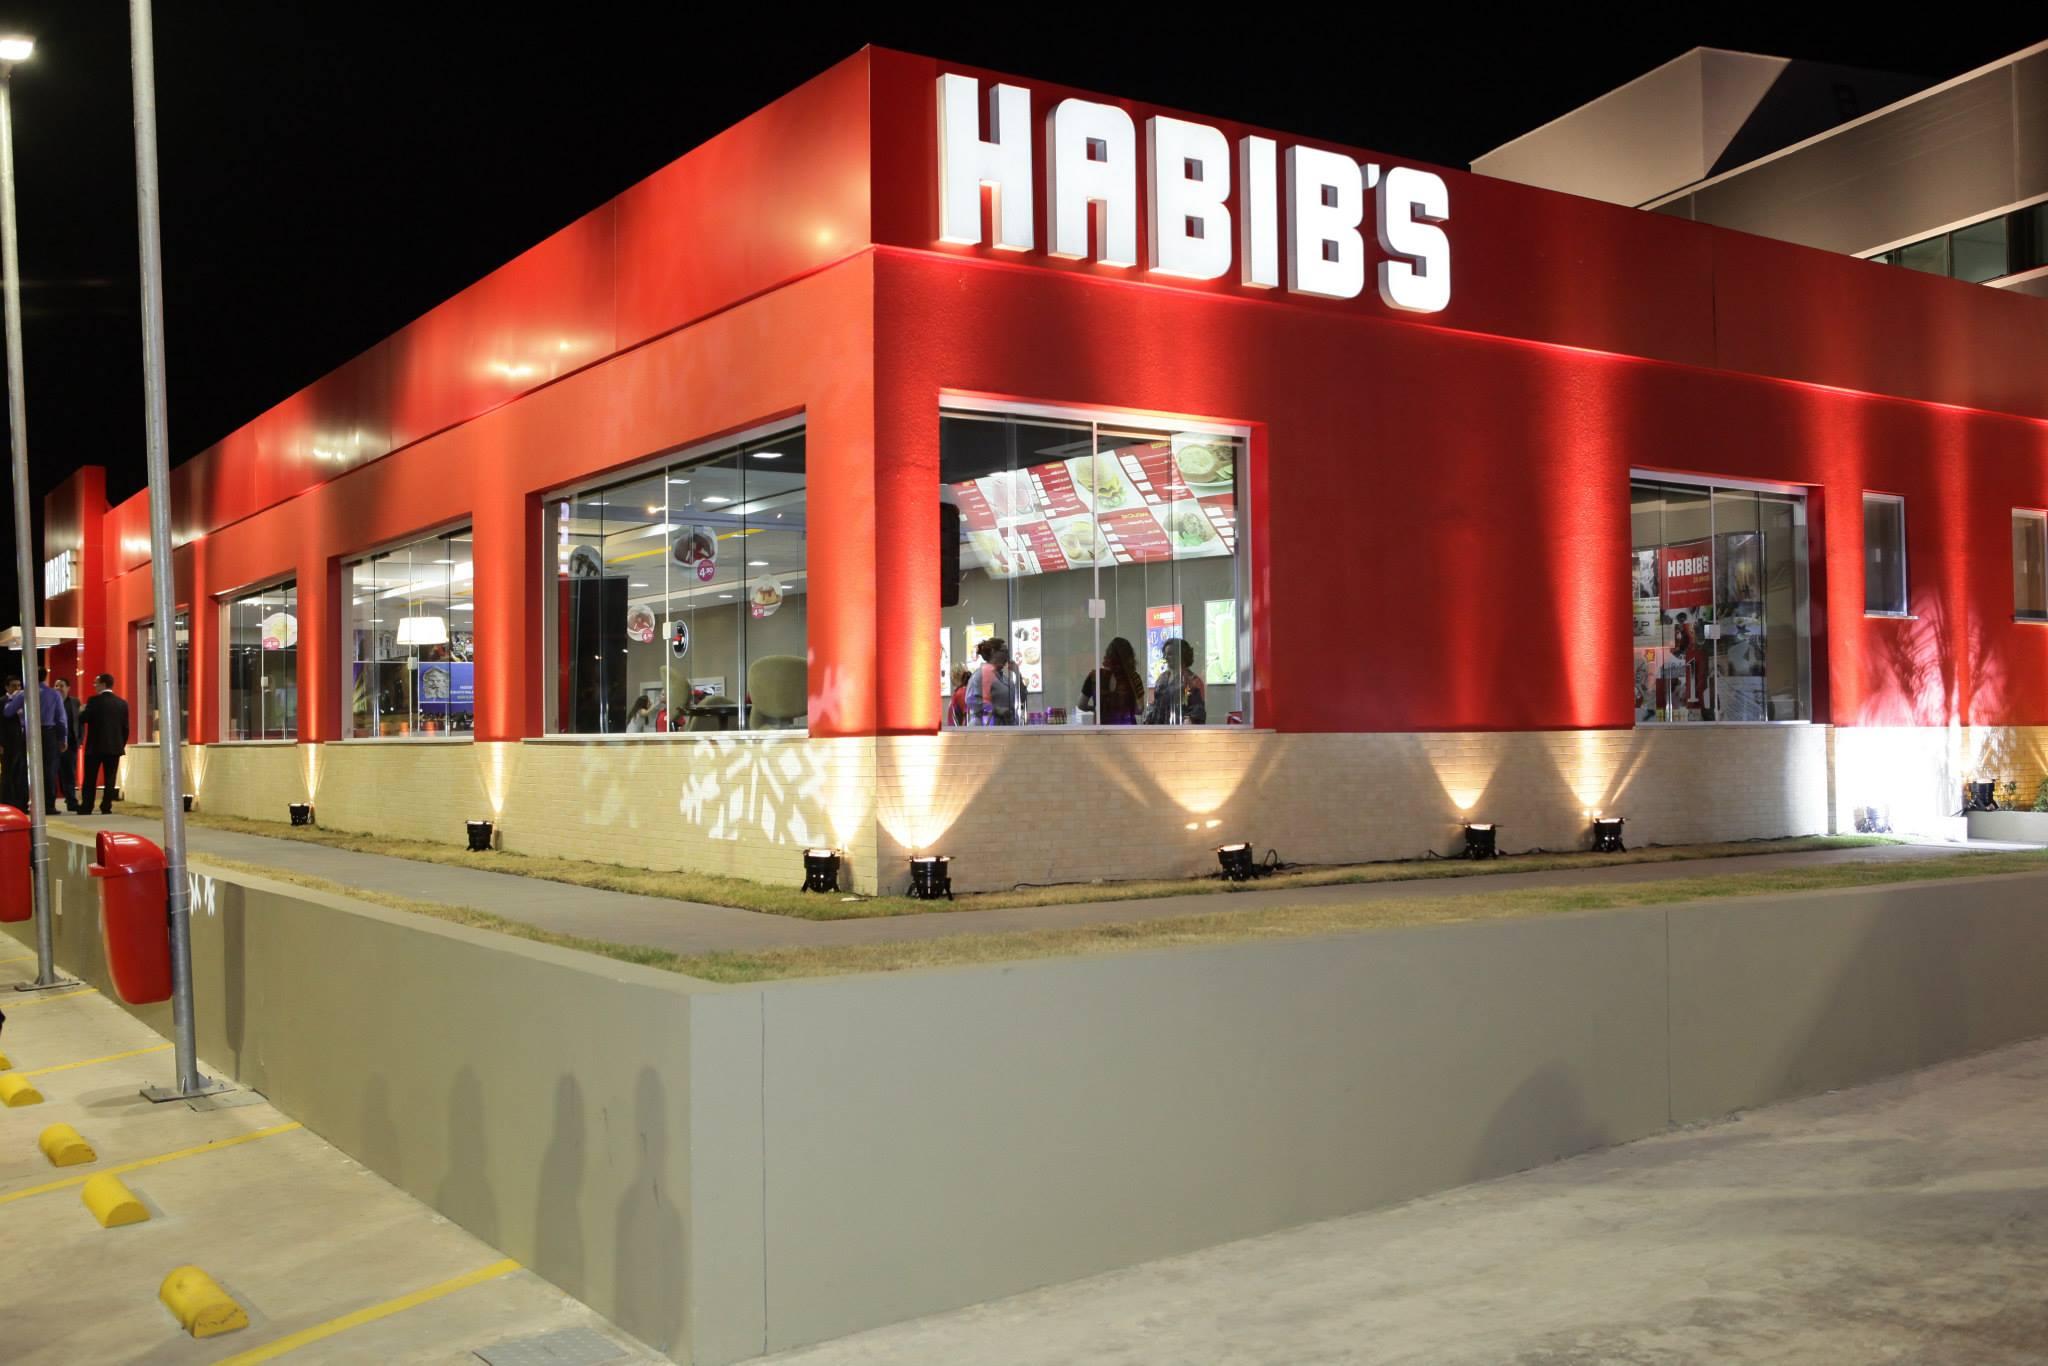 Isopainel de Fachada Habib's